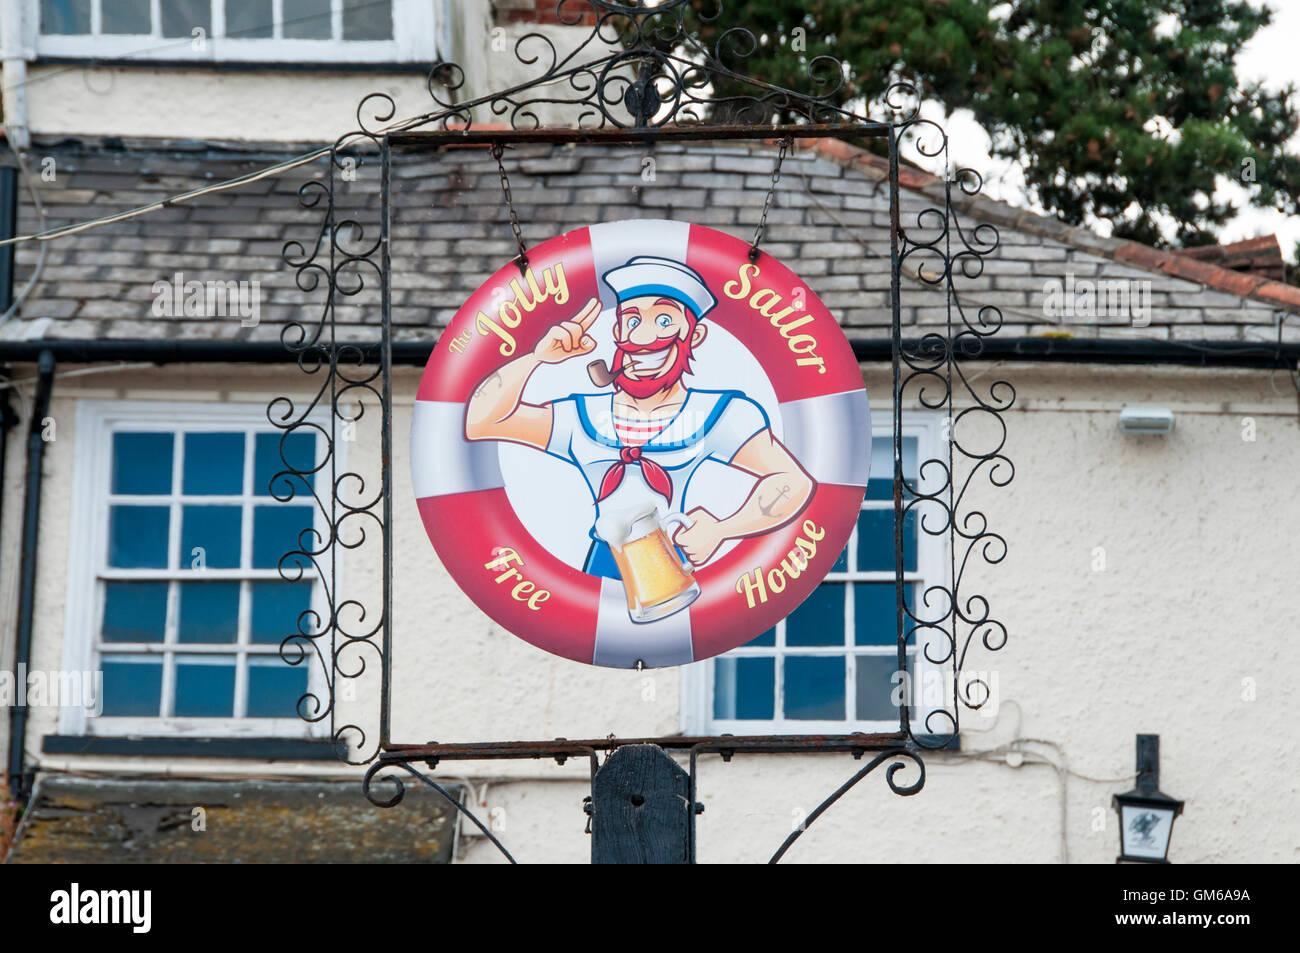 Enseigne de pub pour le Jolly Sailor dans Maldon, Essex. Photo Stock